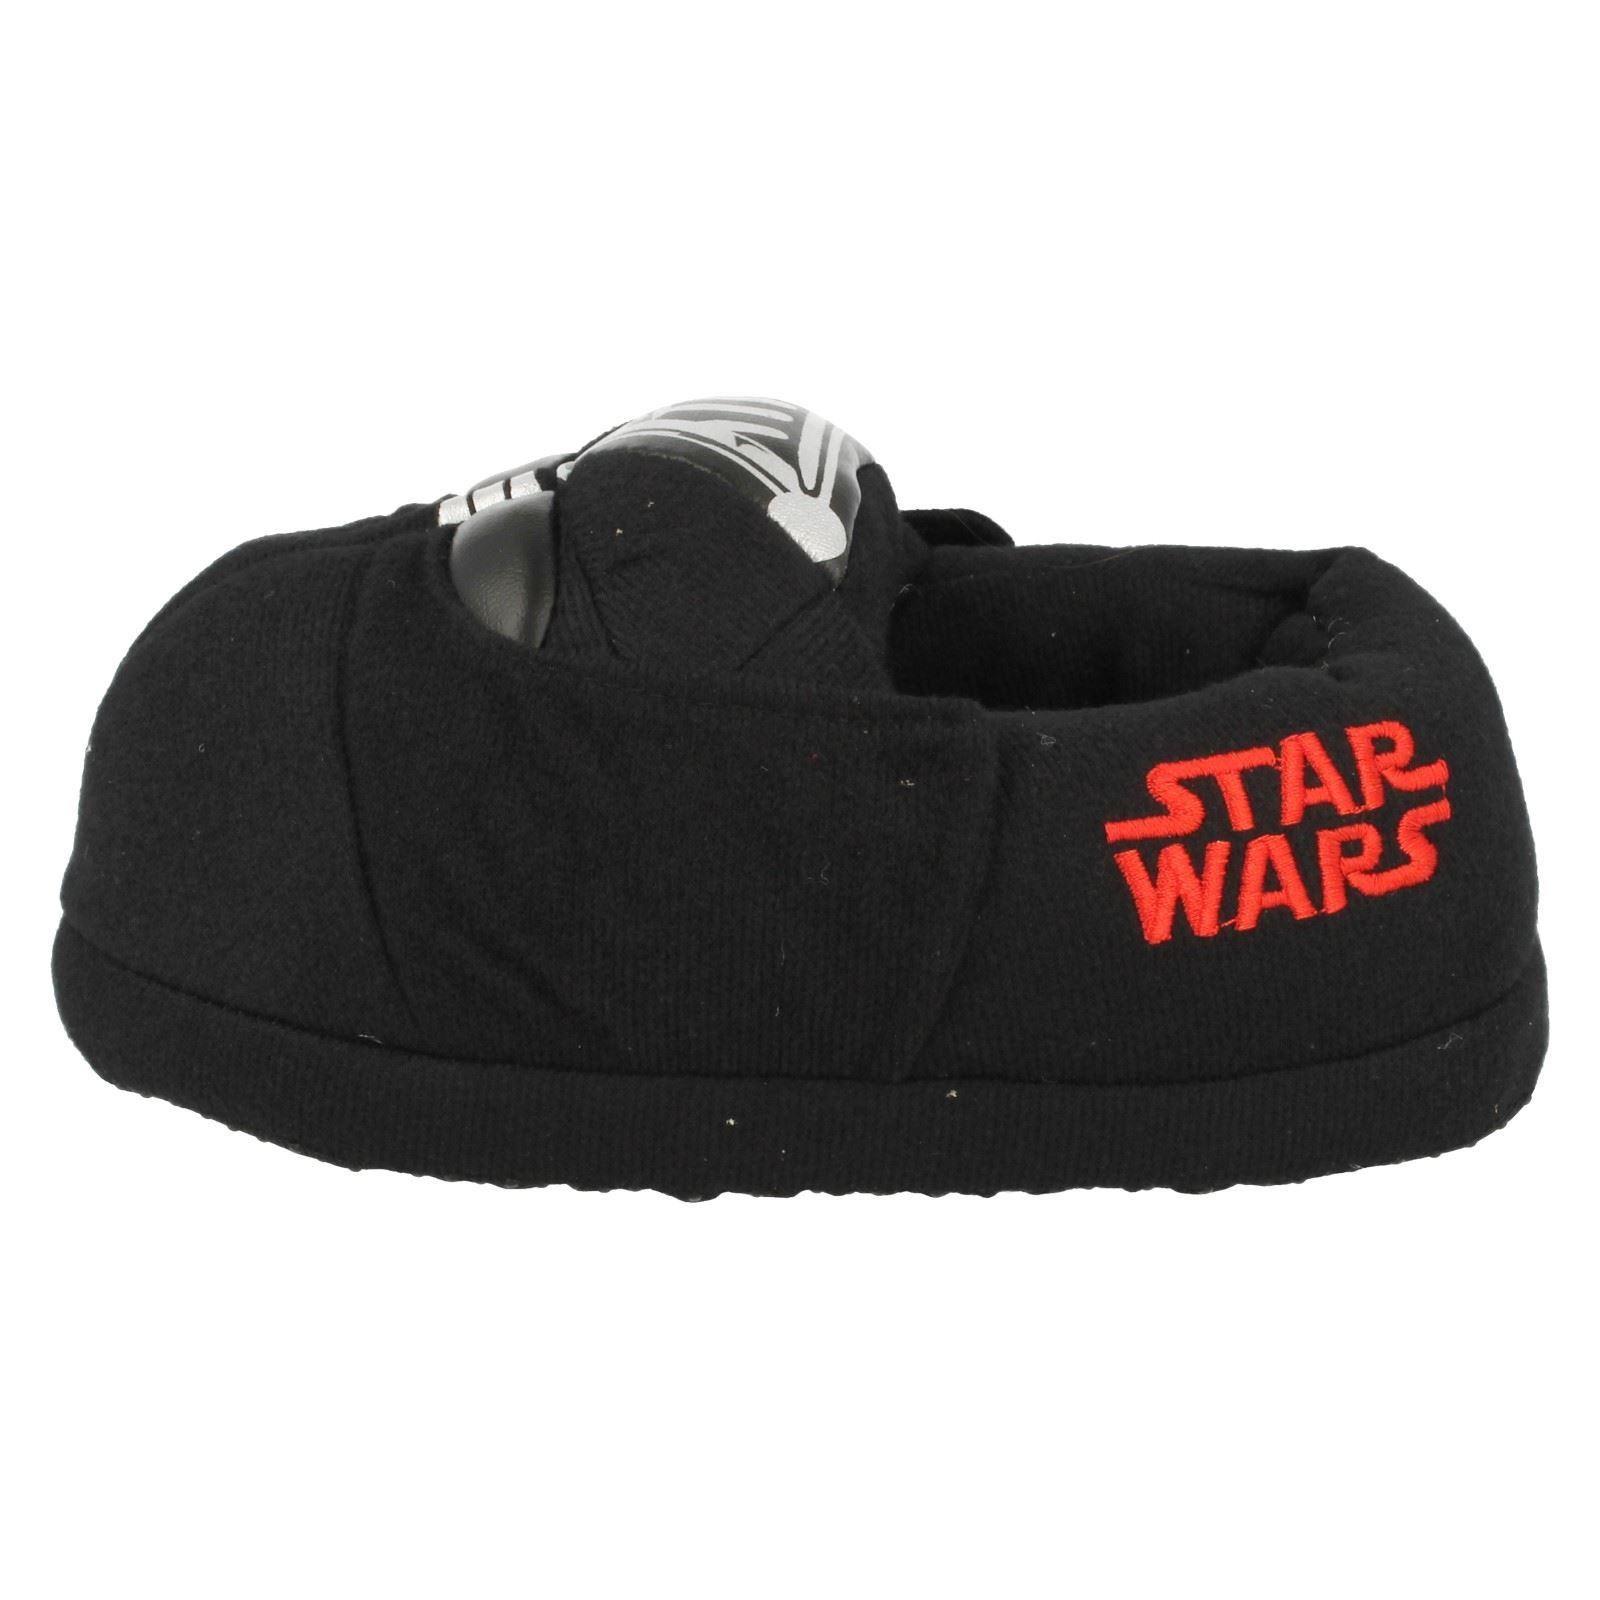 Chicos carácter Zapatillas De Darth Vader Star Wars